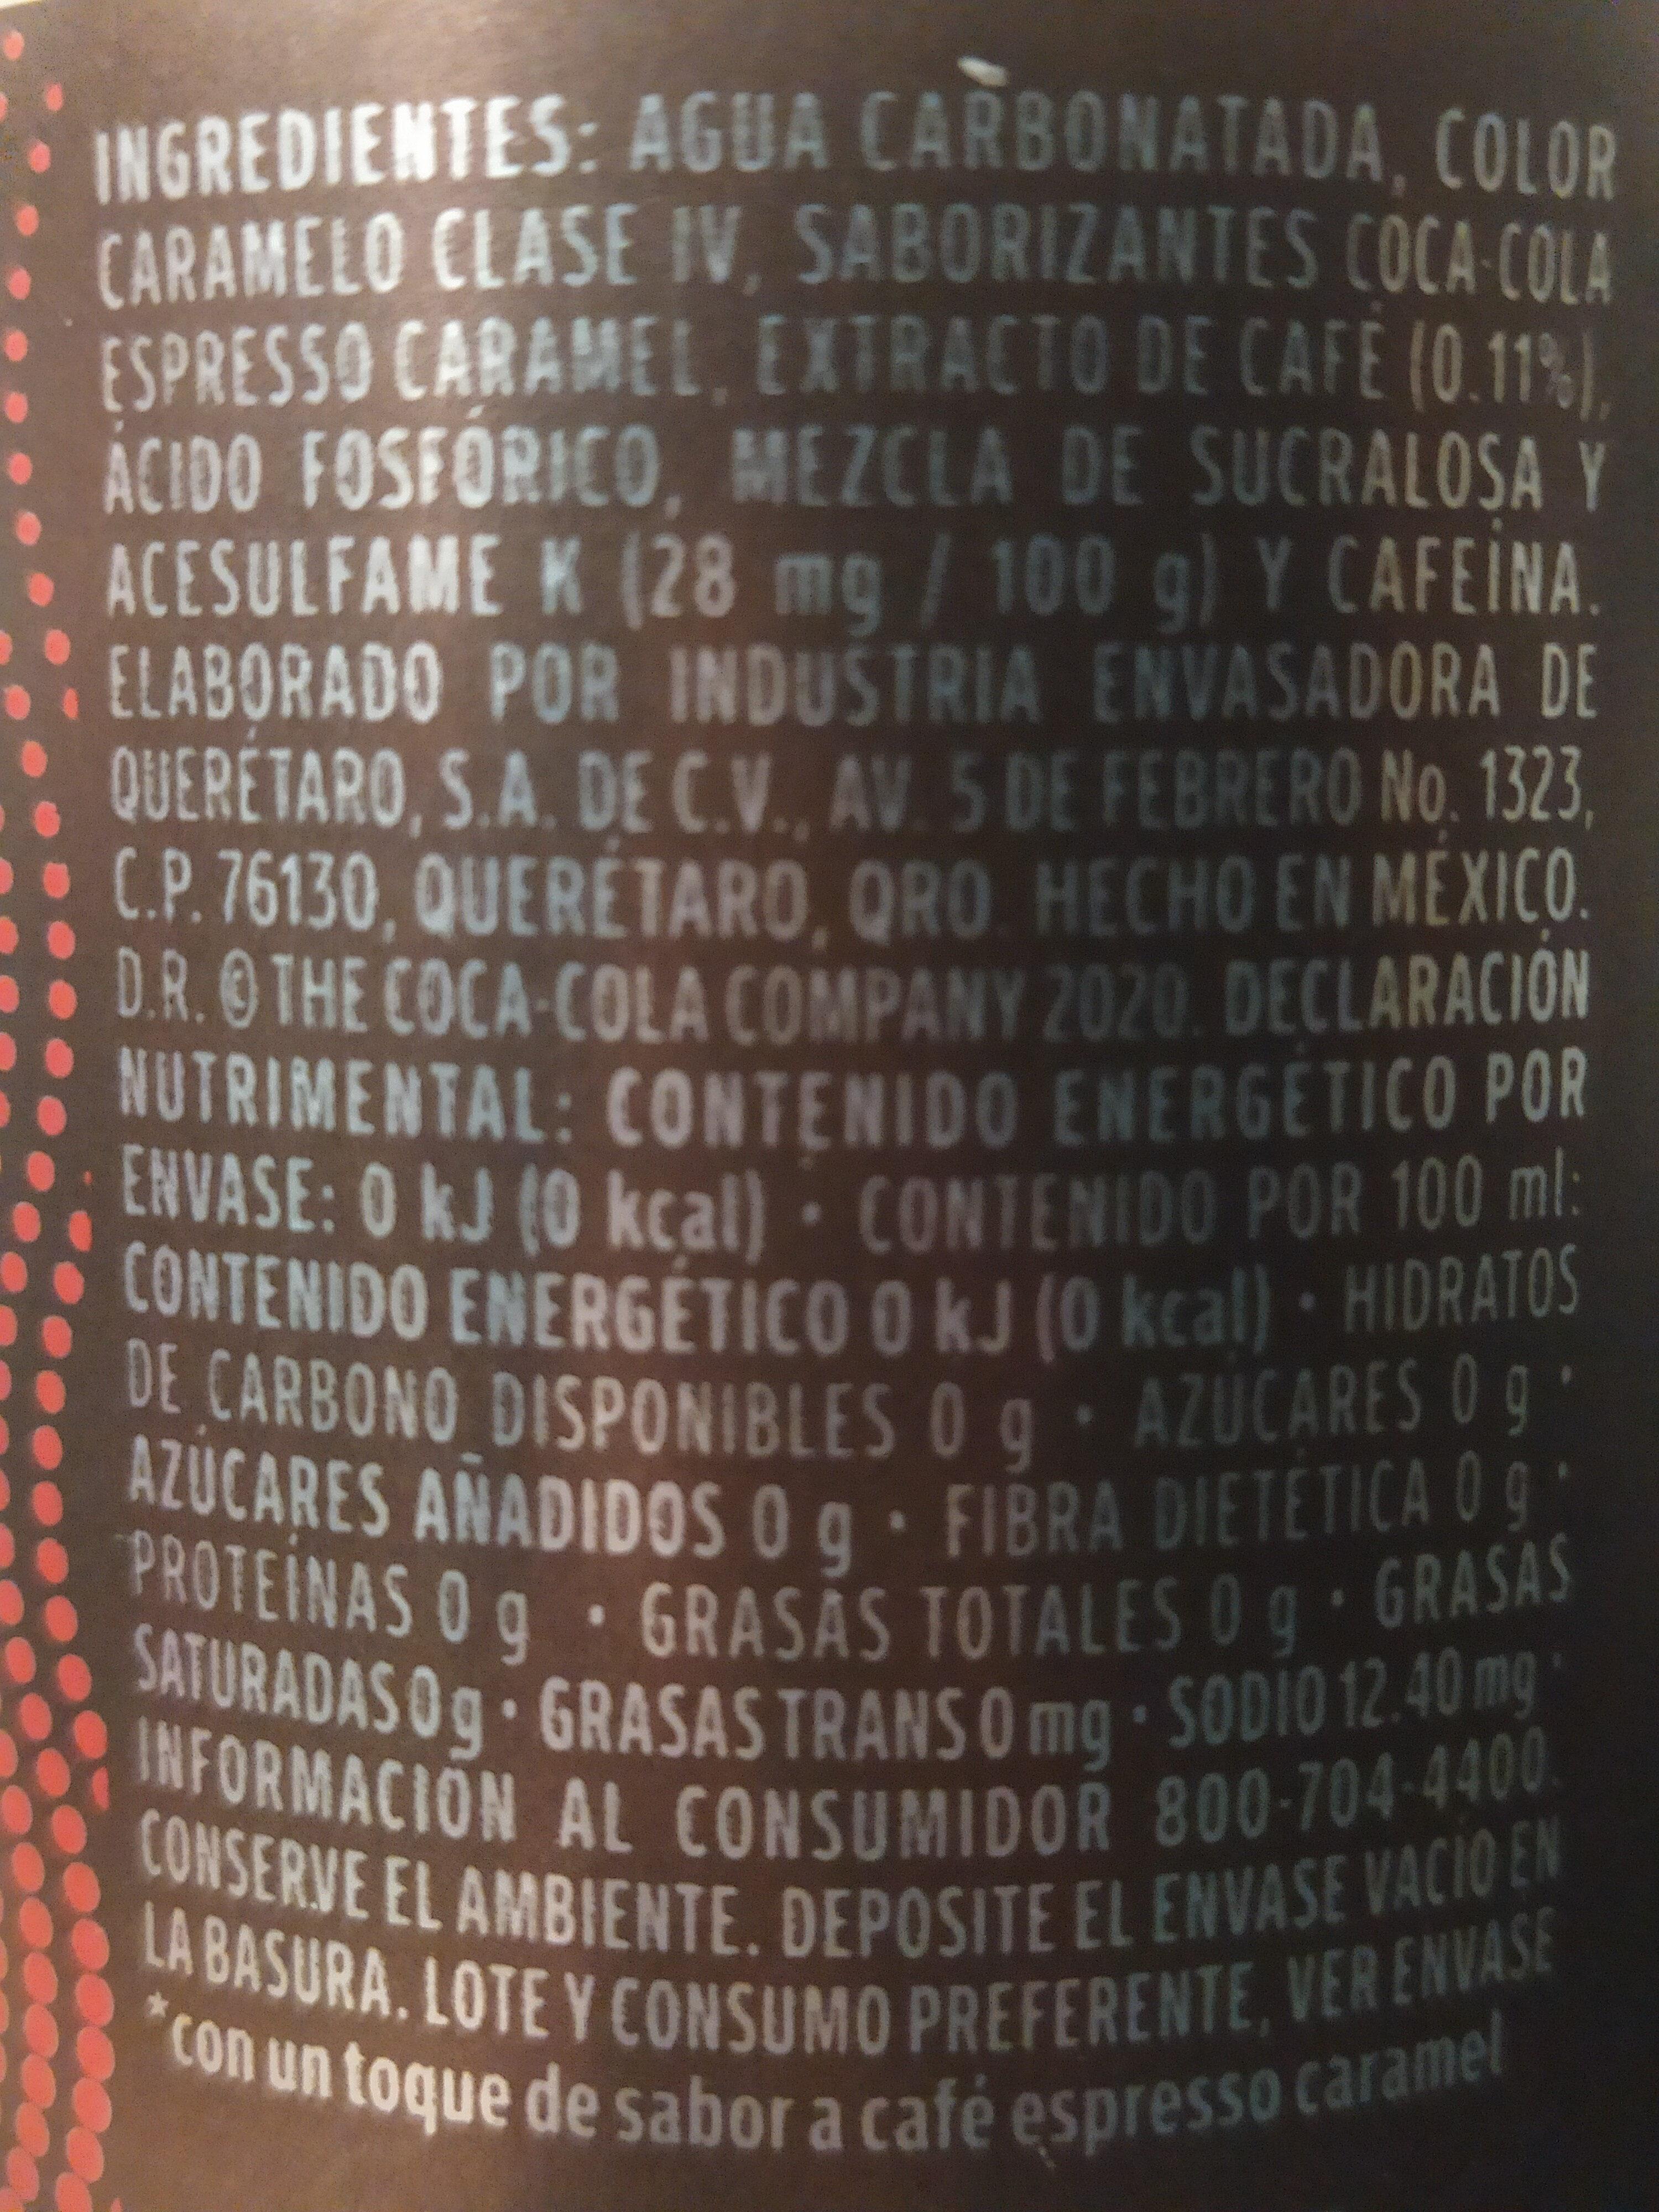 coca cola con extracto de cafe - Ingredientes - es